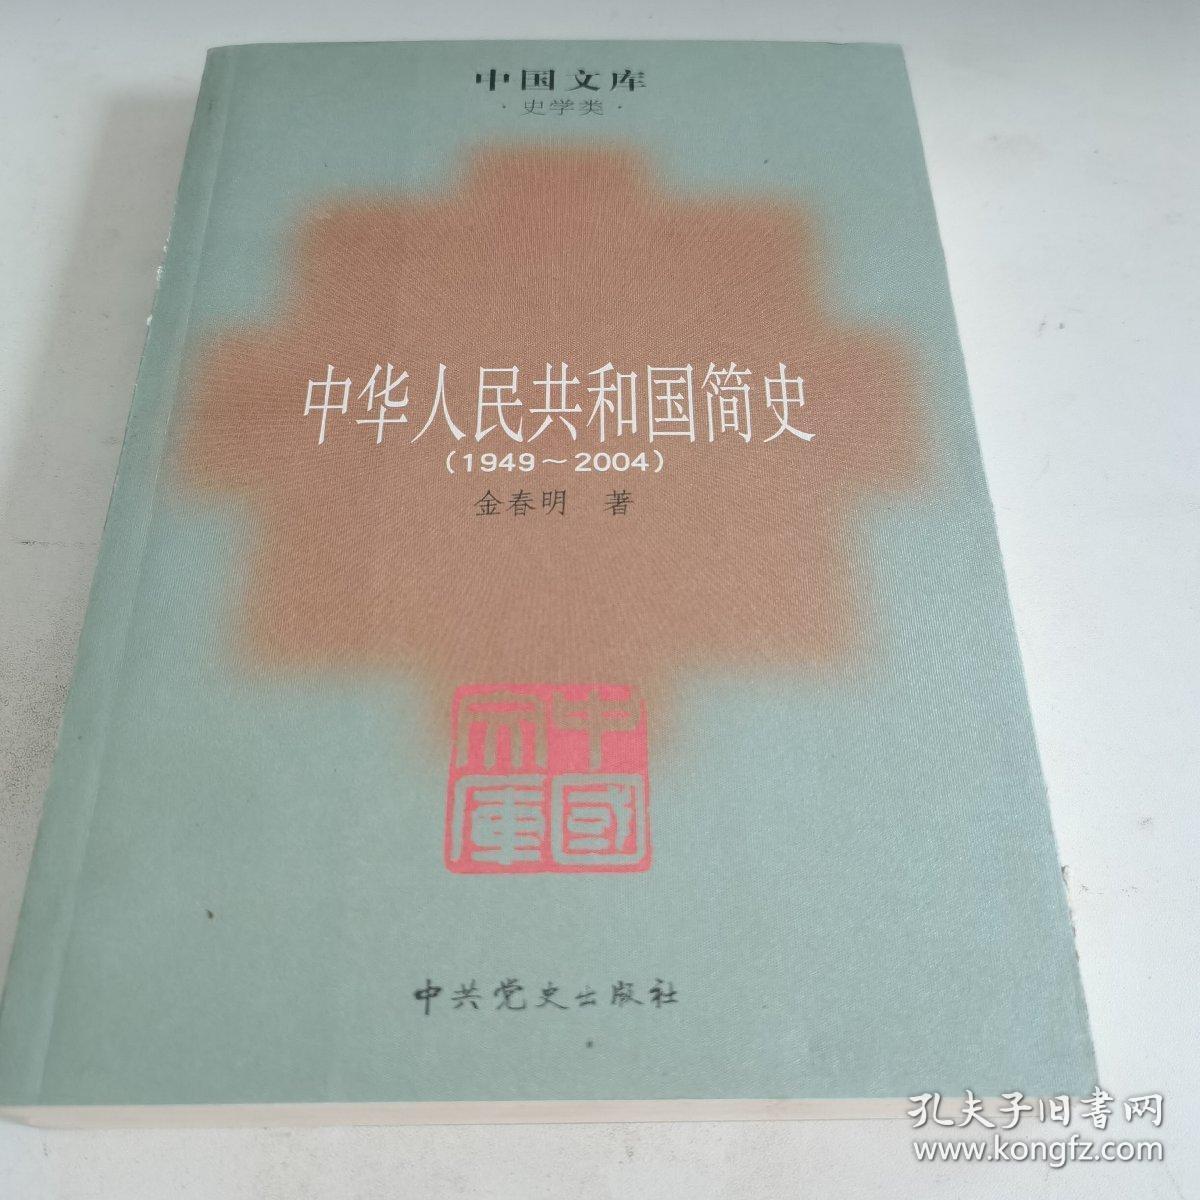 中华人民共和国简史